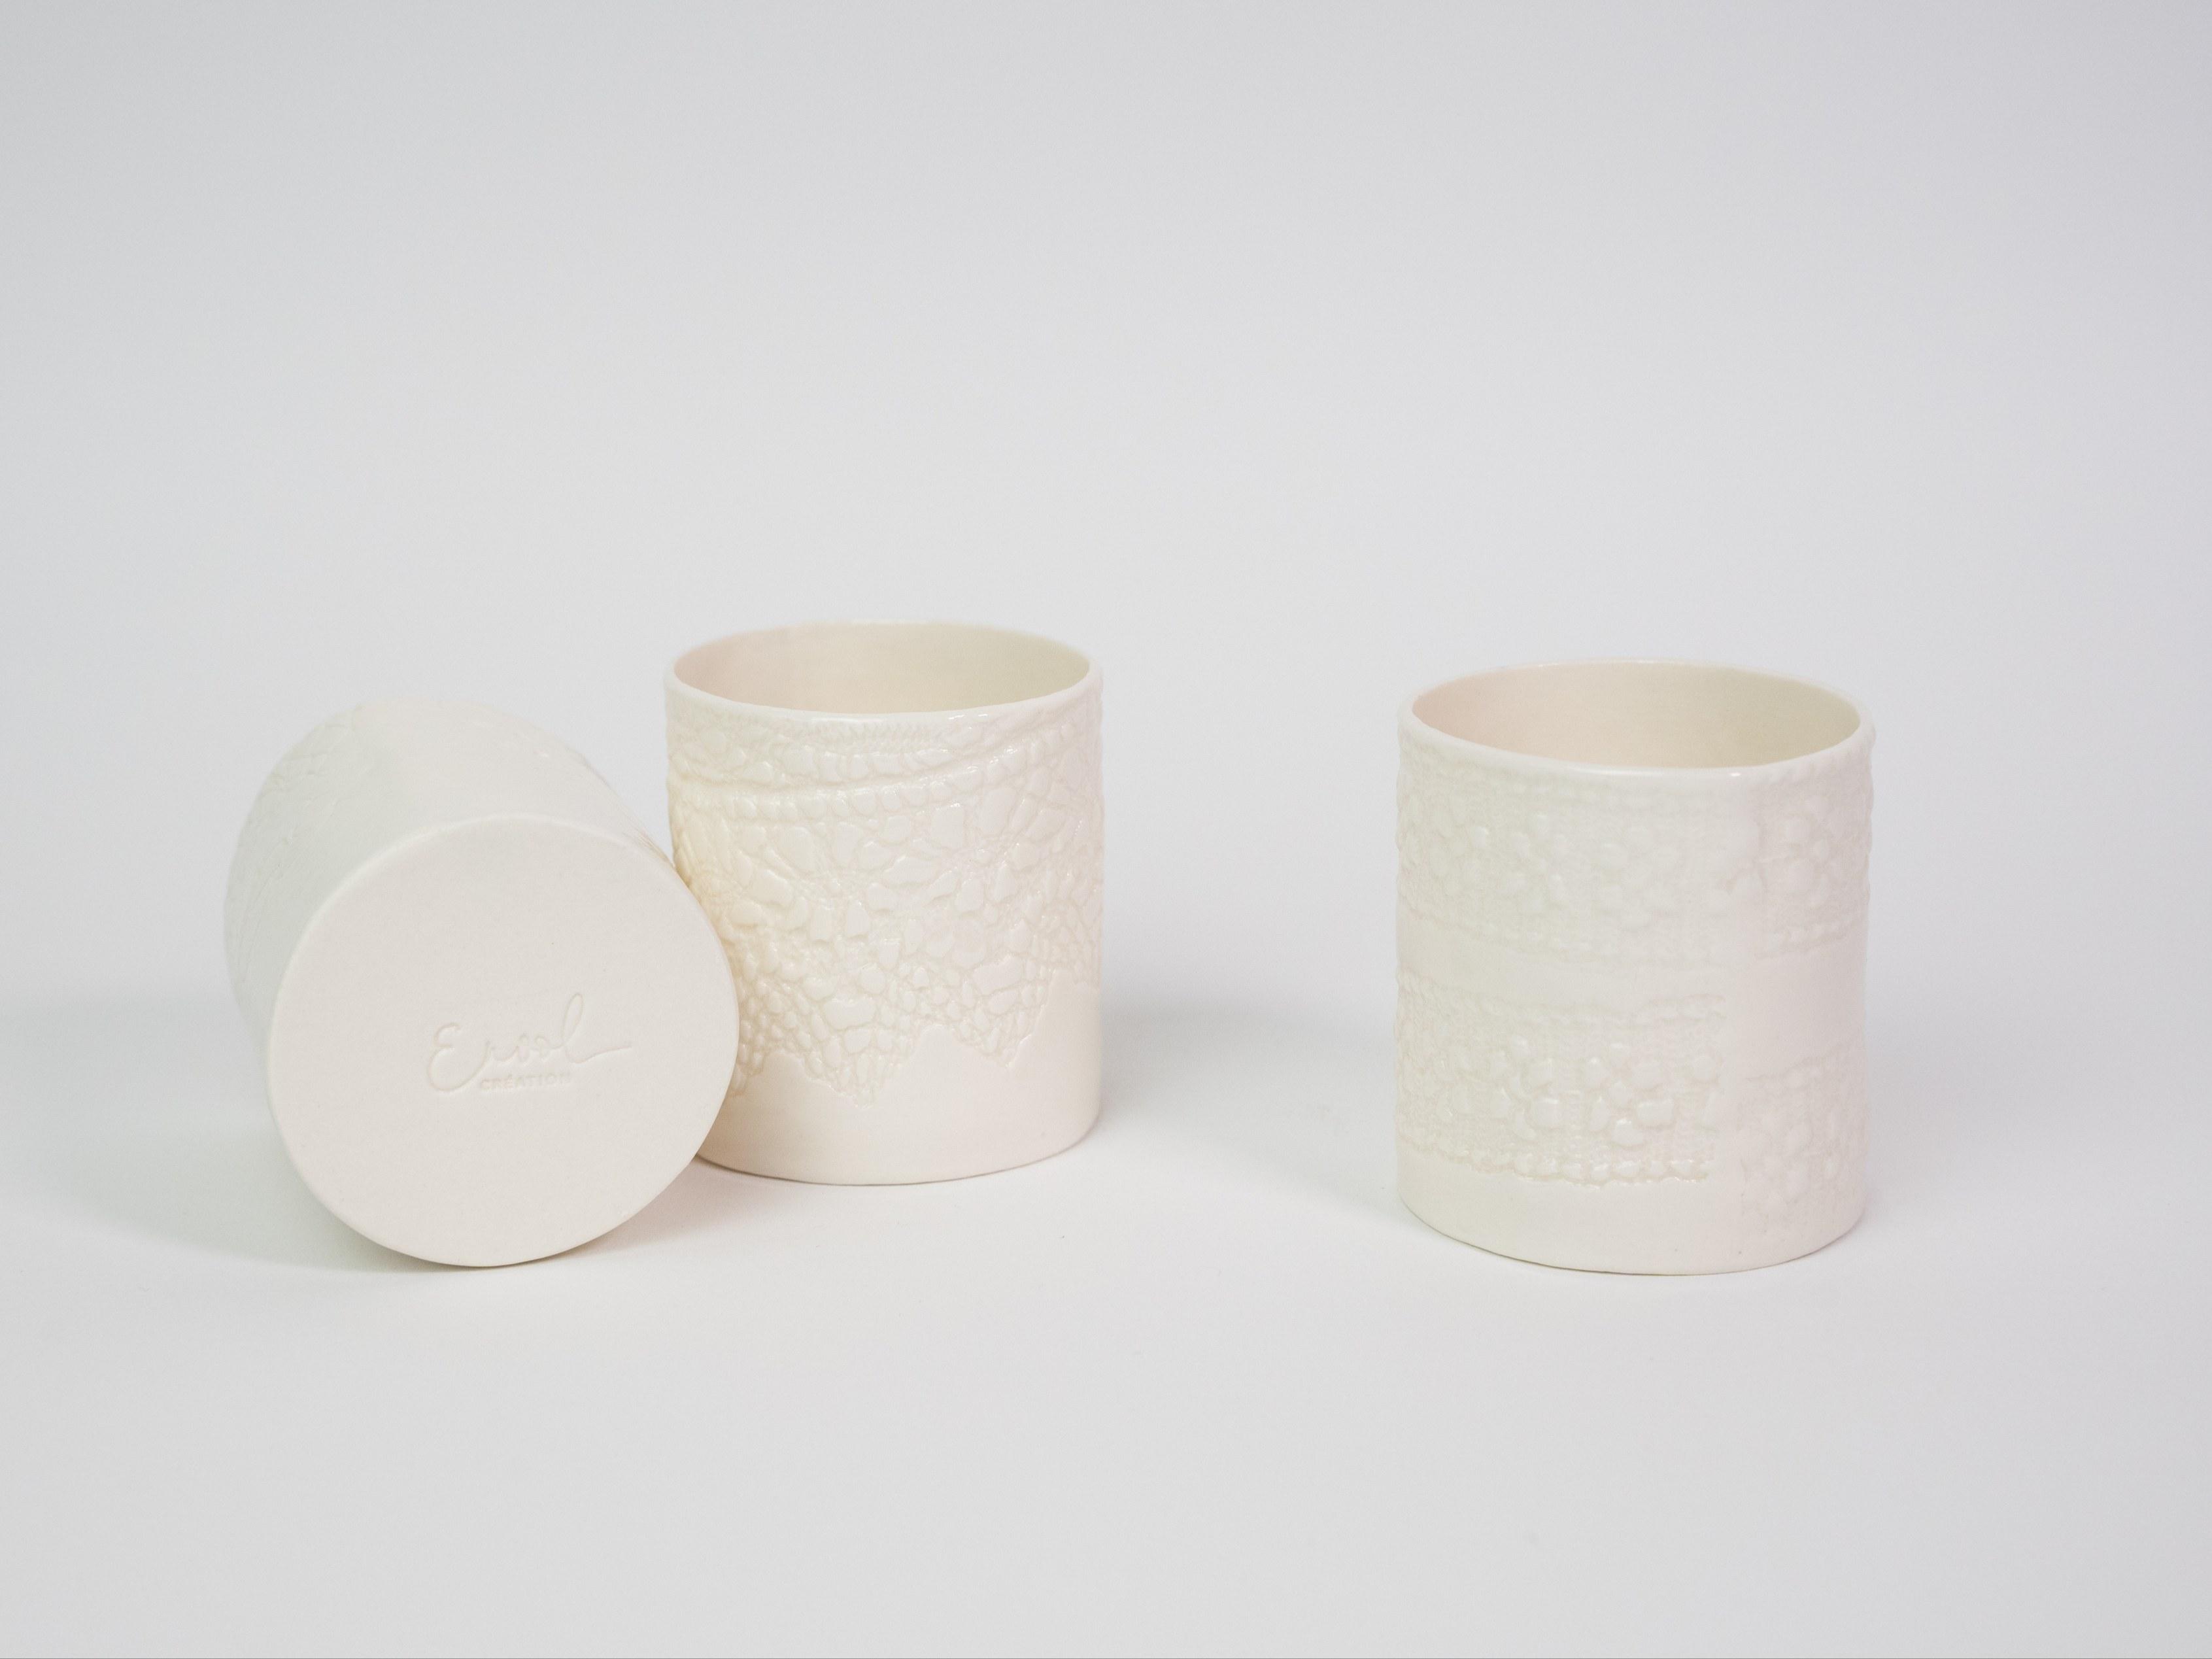 Collection dentelle - Photophore porcelaine - impression dentelle